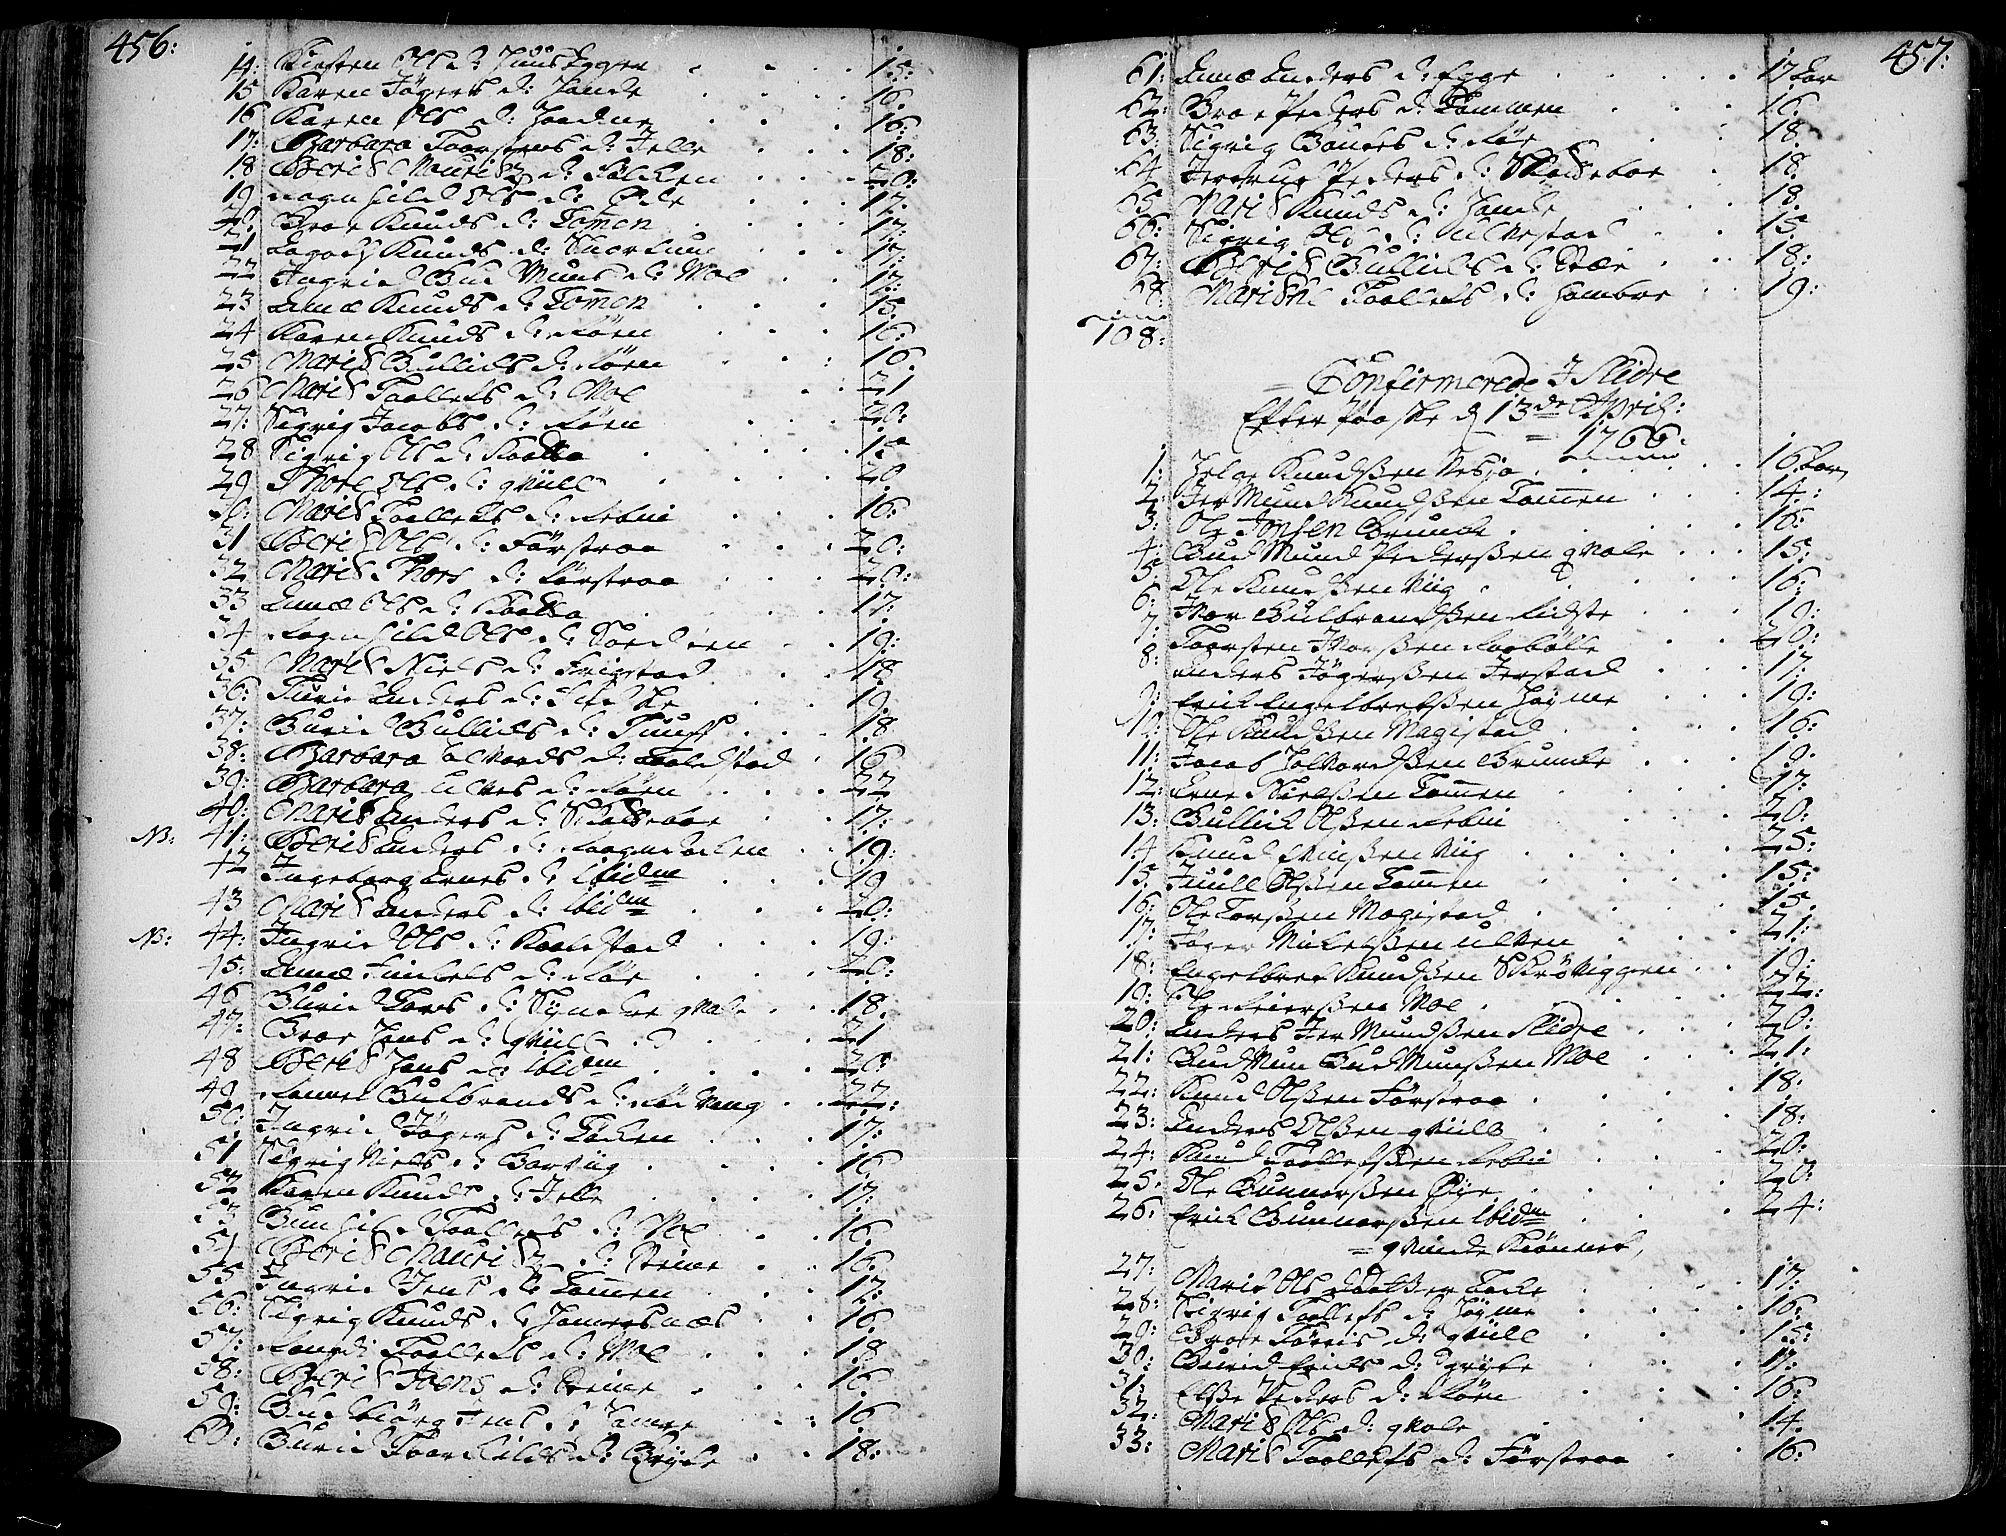 SAH, Slidre prestekontor, Ministerialbok nr. 1, 1724-1814, s. 456-457